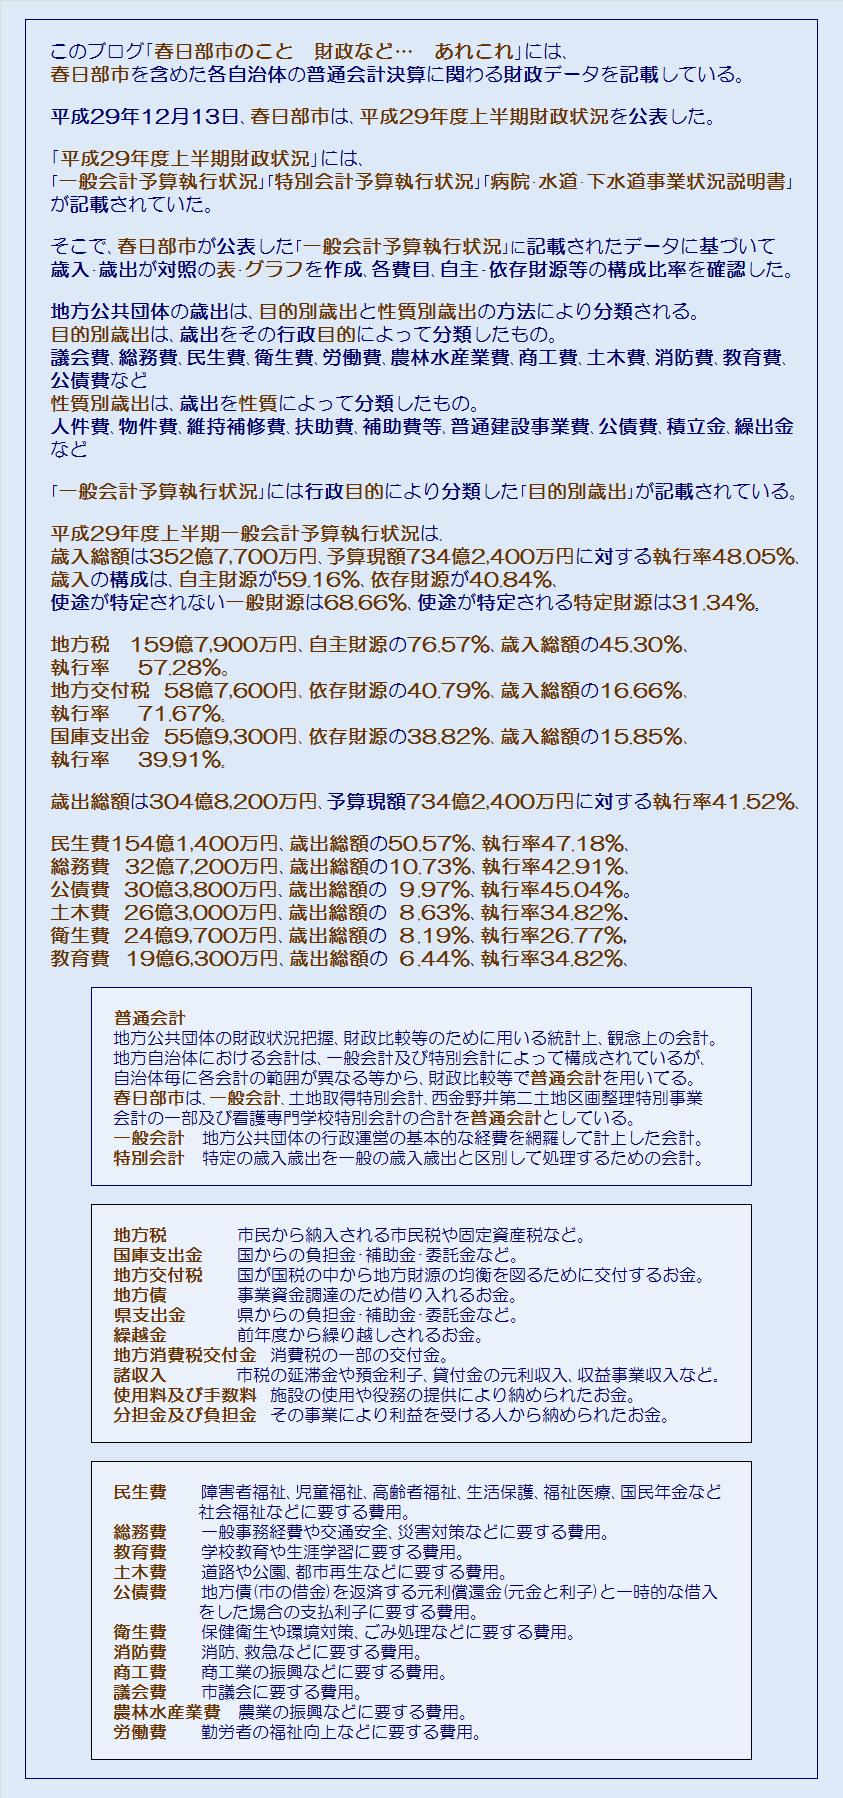 春日部市平成29年度上半期一般会計予算執行状況・コメント